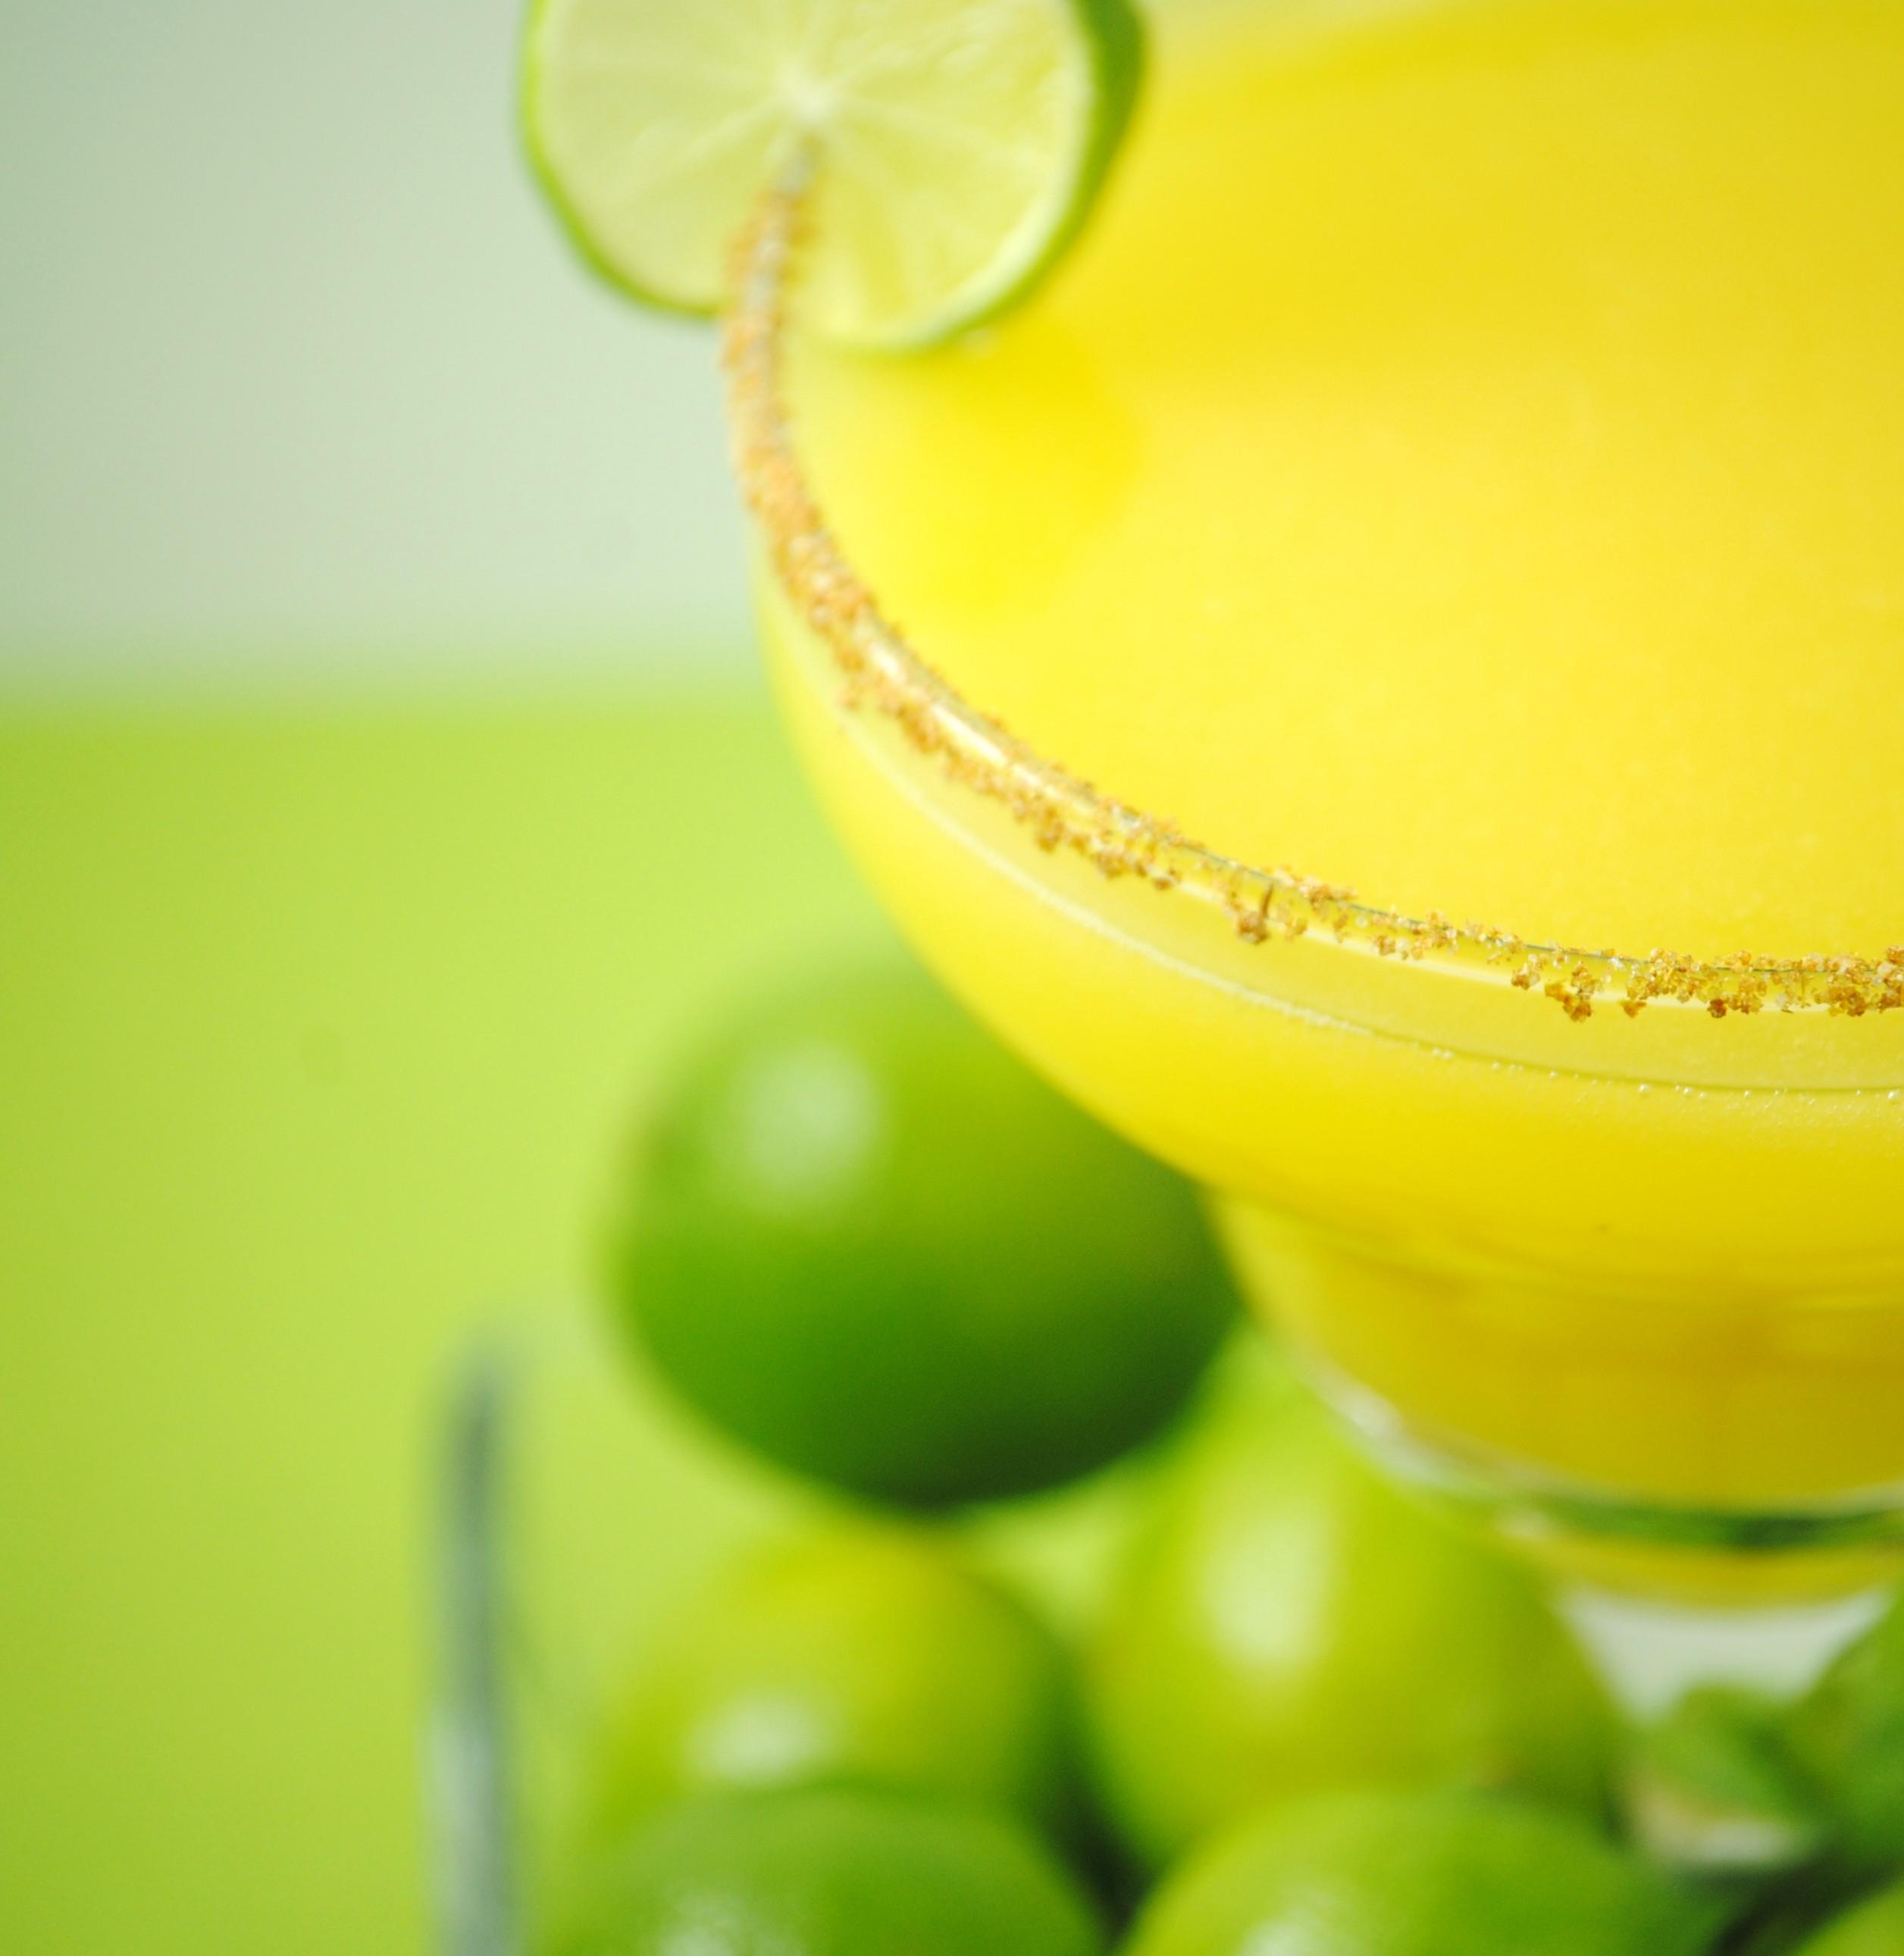 mango margarita 029